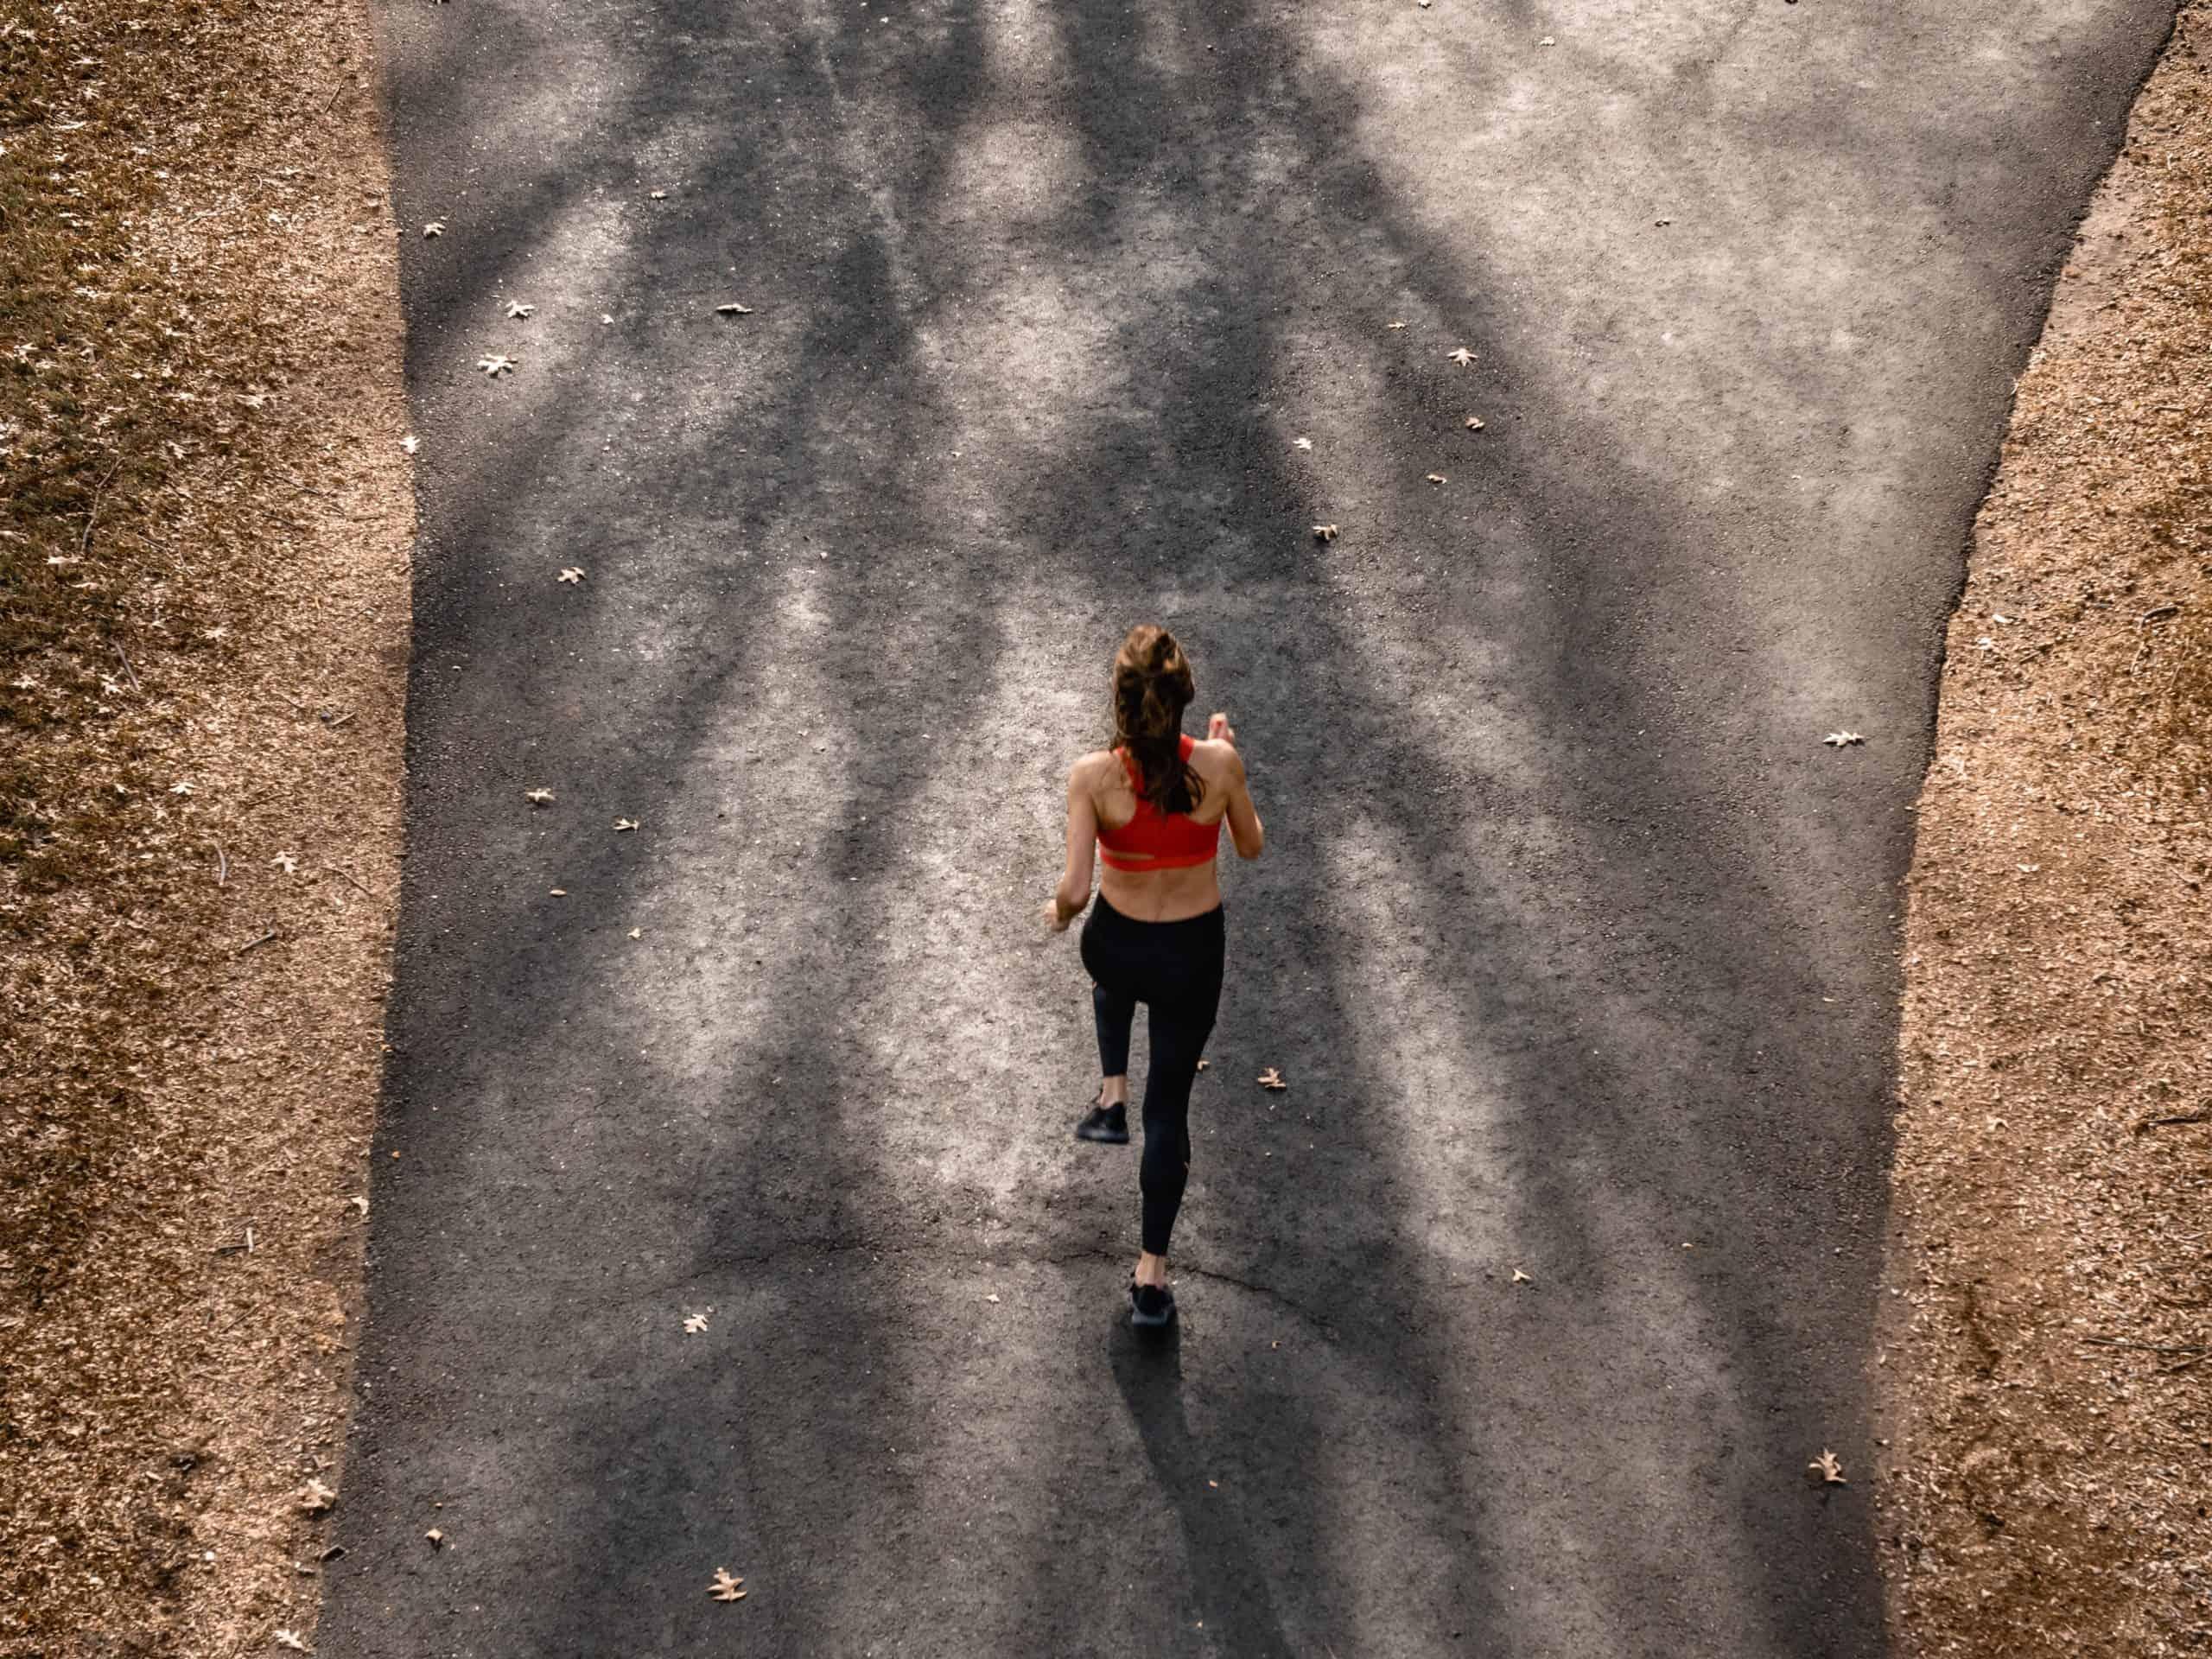 B-ryhmän vitamiinit auttavat tukemaan hermostoa, immuunijärjestelmää sekä energia-aineenvaihduntaa ja ovat apuna silloin kun on elämä tuntuu kuormittavan kehoa ja mieltä.